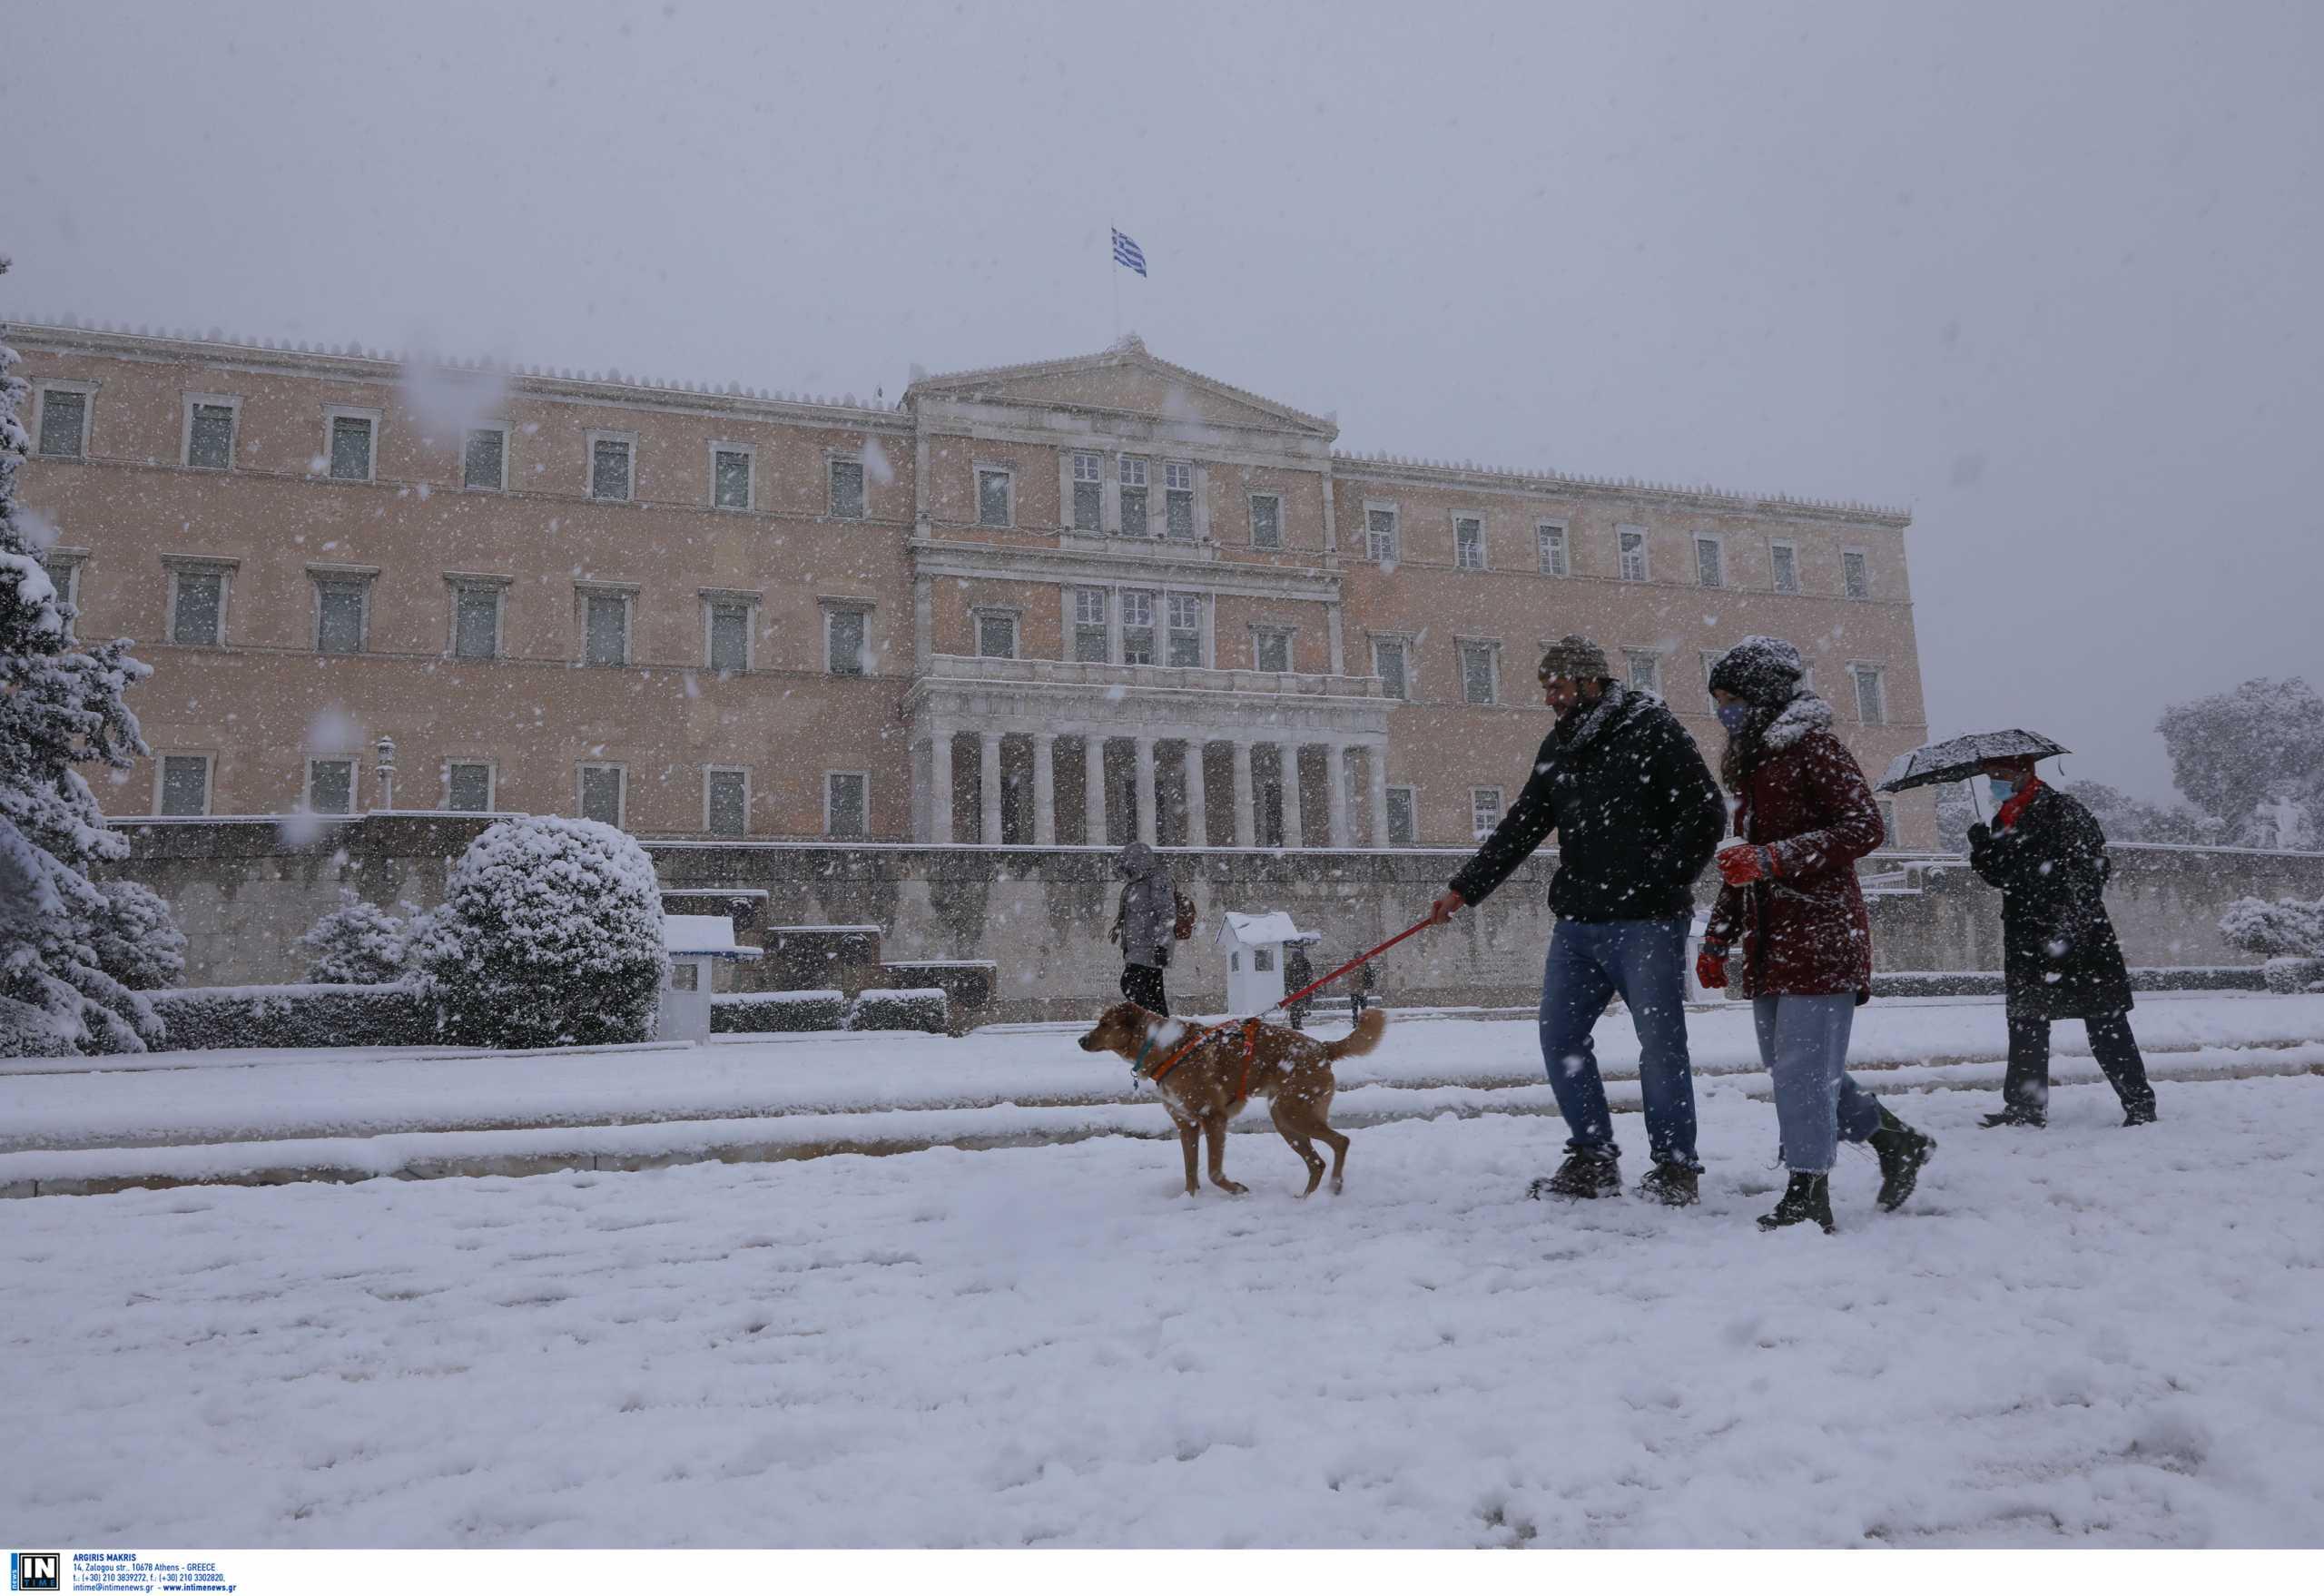 Καιρός – Μήδεια: Μέχρι πότε θα πέφτει χιόνι (pic)